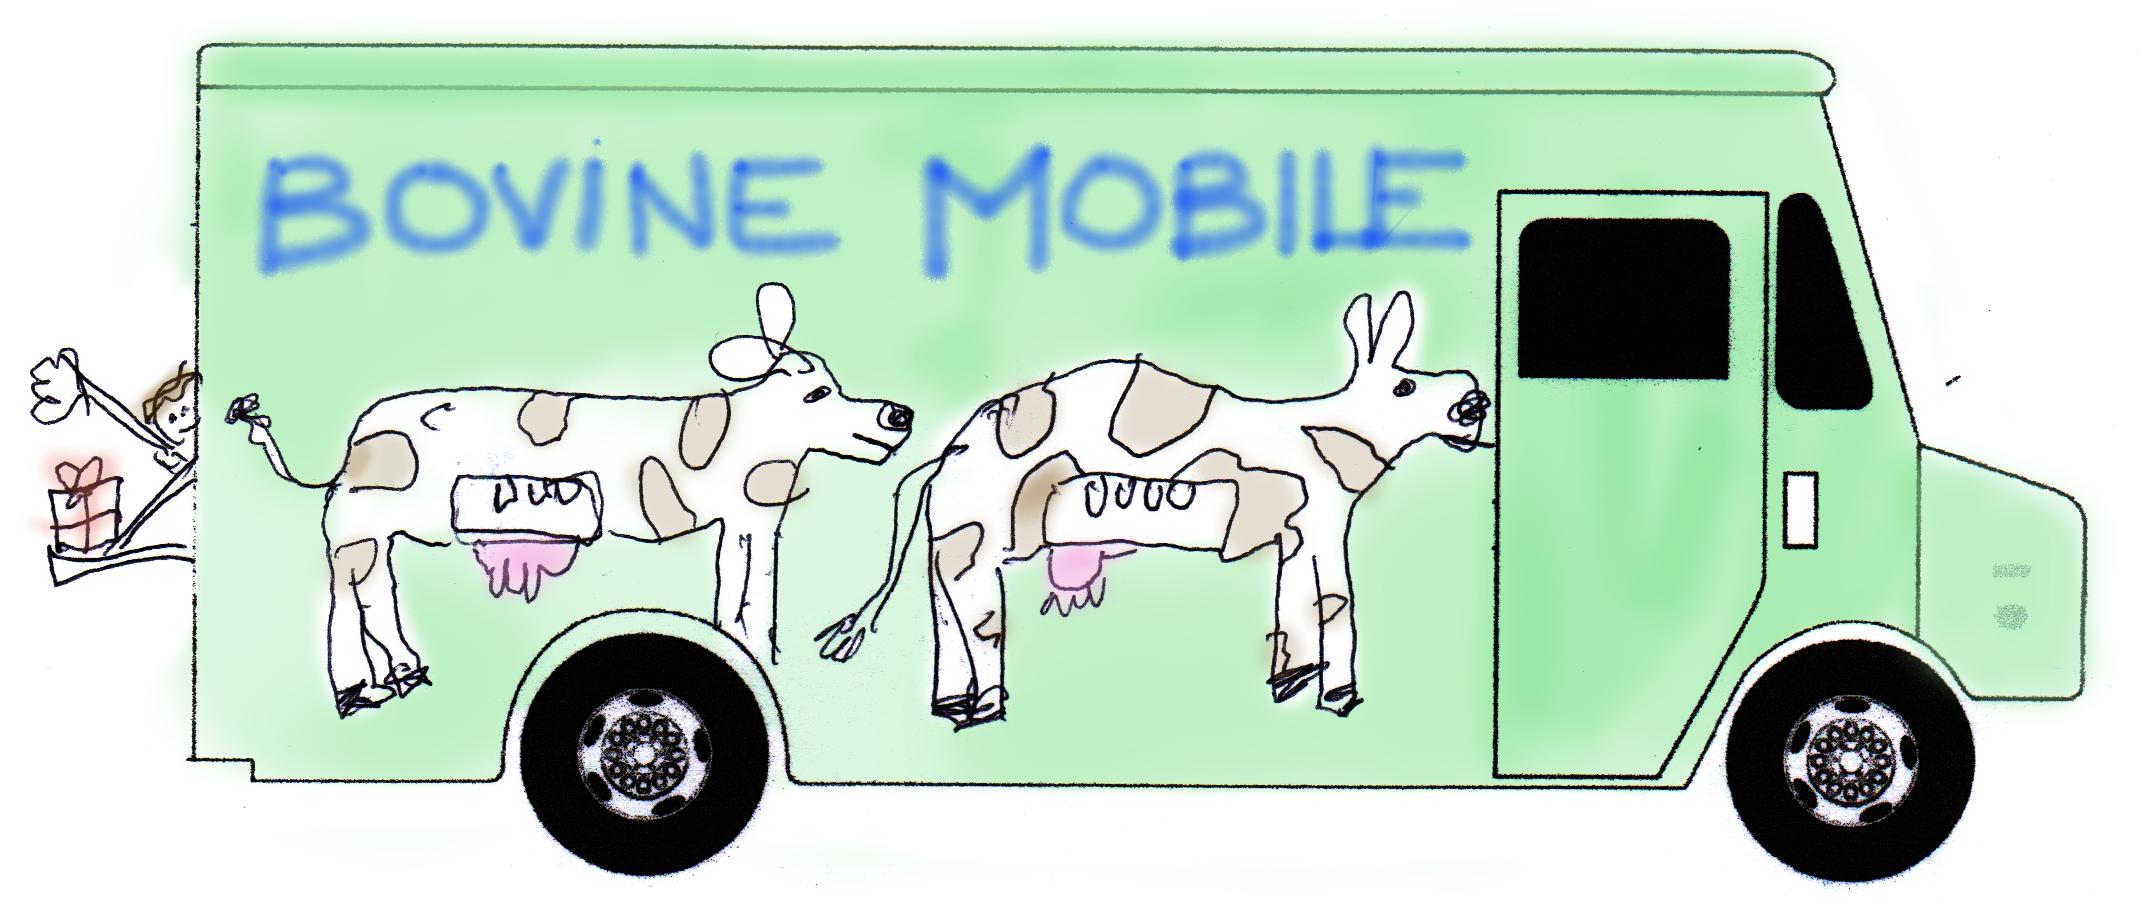 Bovine Mobile